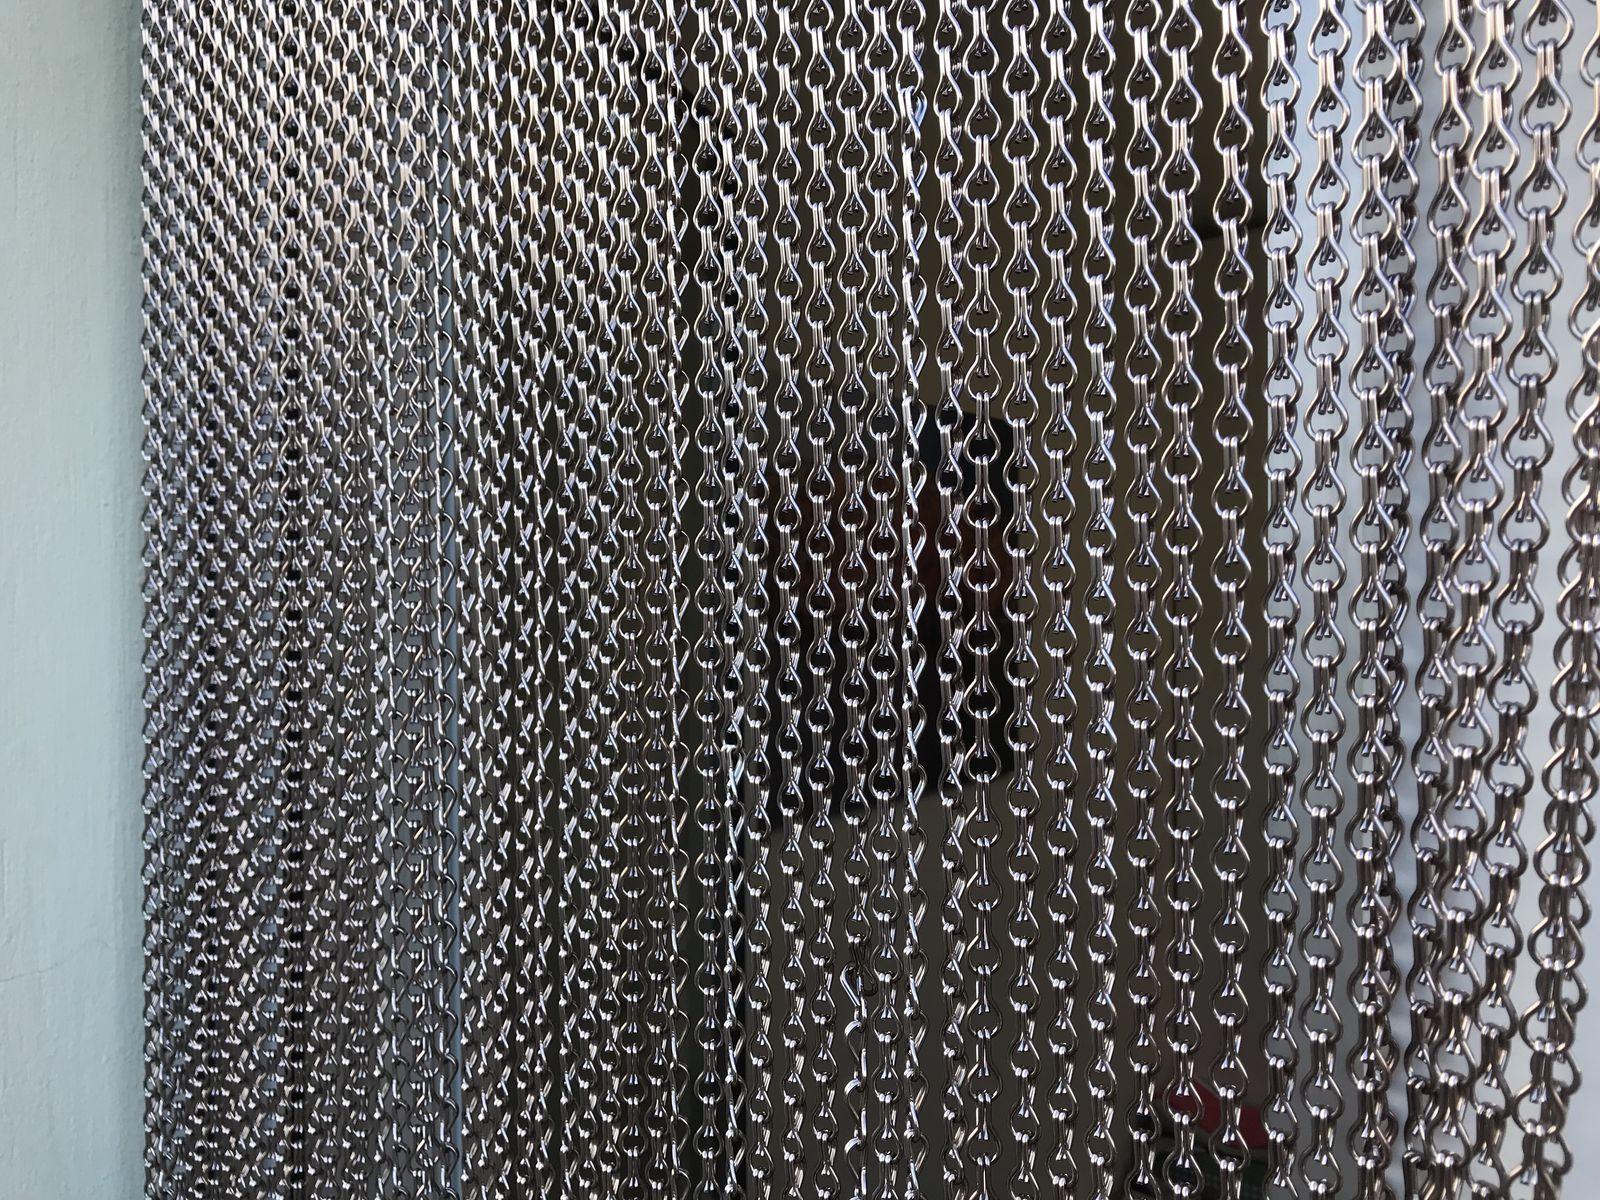 480 Filter Smoov 480x Zigarettenfilter Aufs/ätze